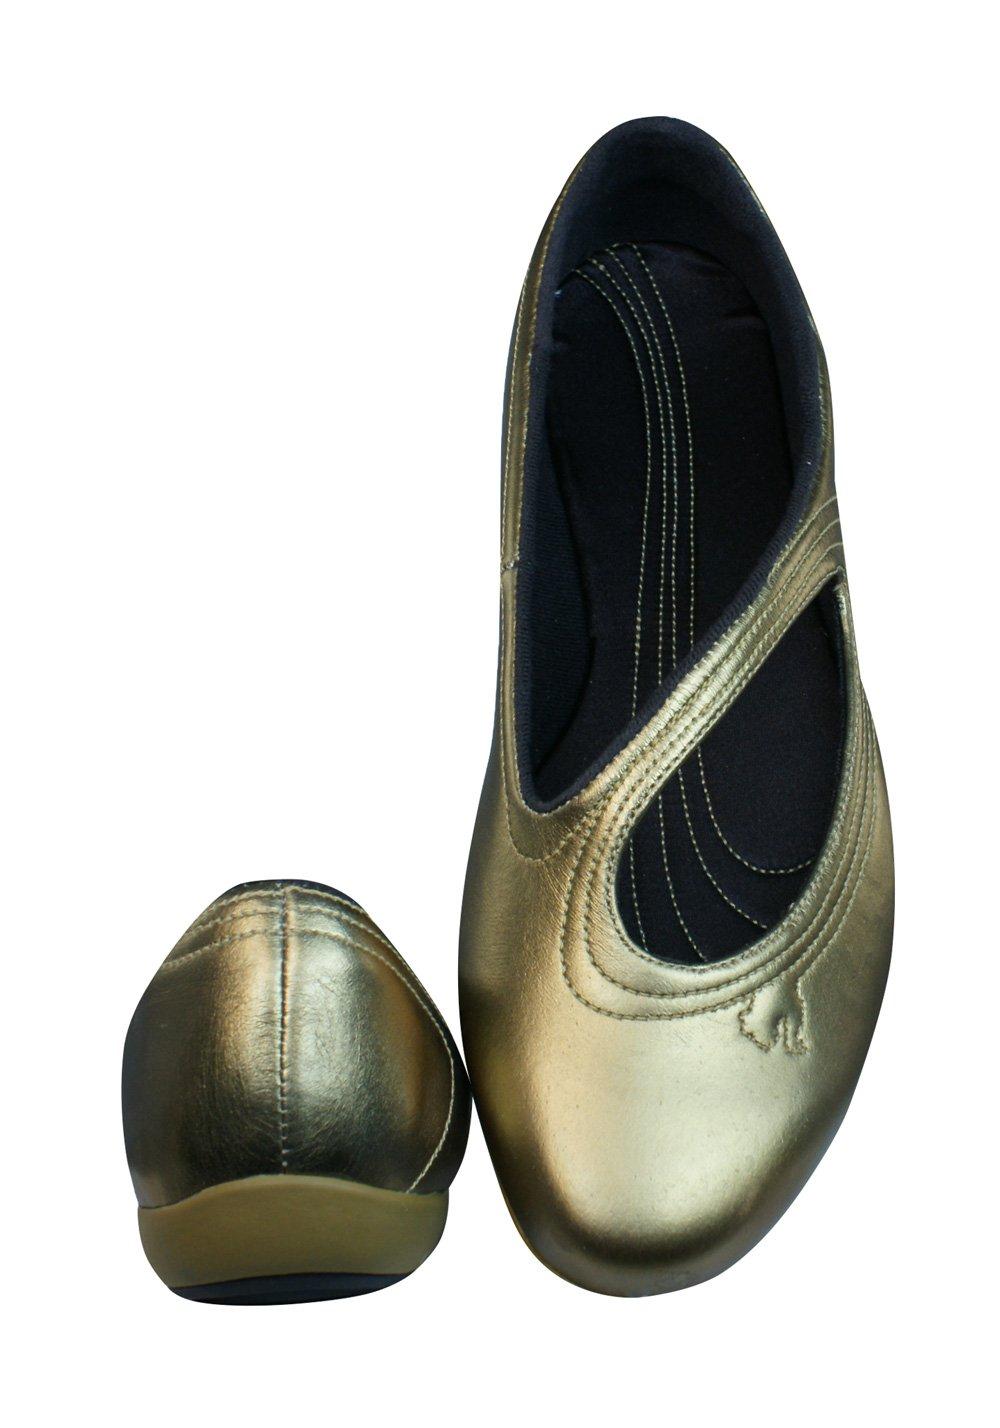 Puma Vitta Metallic Damen Leder Ballerina-Gold-41 HoWWwRs